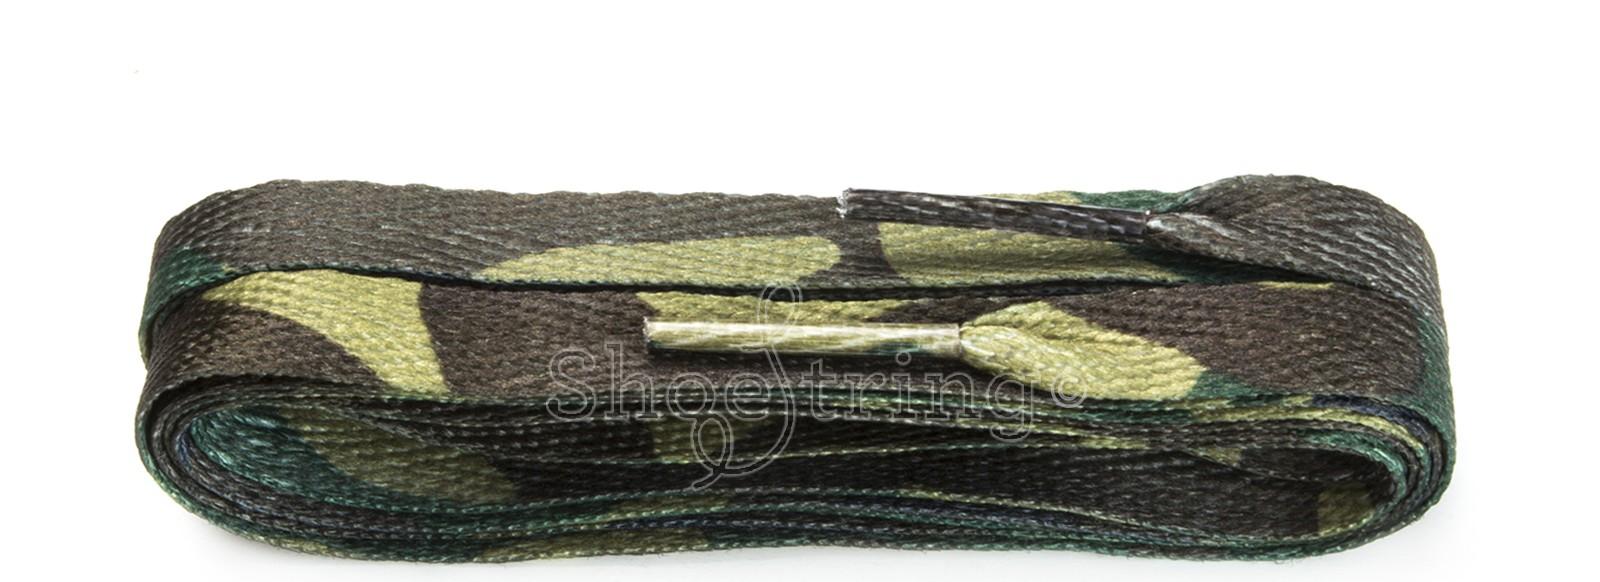 Sneaker Green Camo Narrow